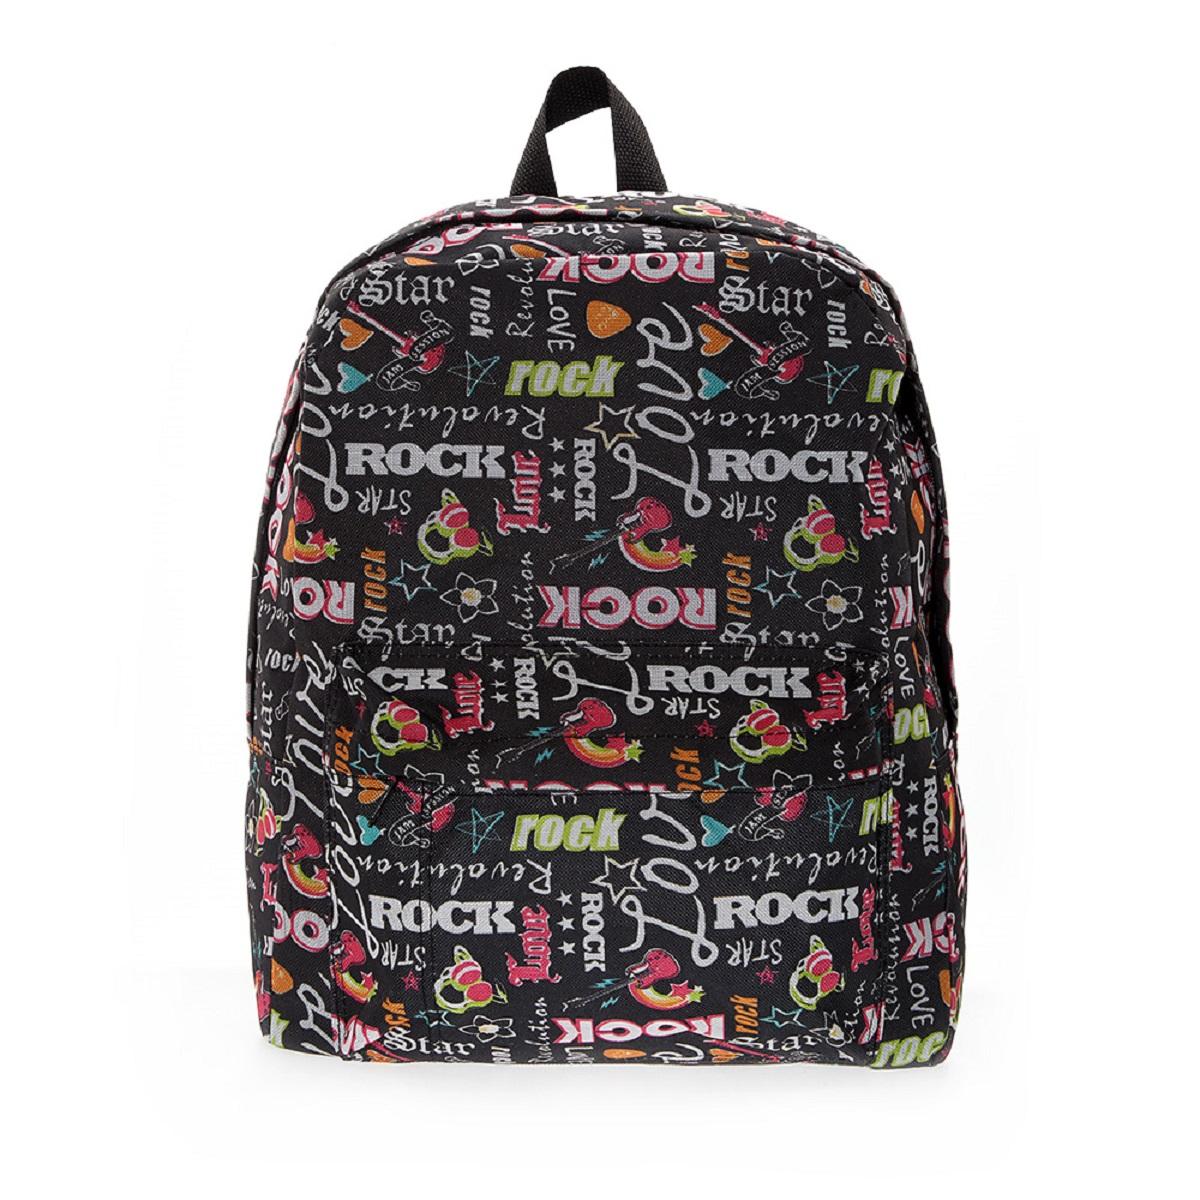 Рюкзак городской 3D Bags Рок-Стар, 16 лRivaCase 7560 redСтильный, вместительный и практичный, рюкзак понравится и школьникам, и студентам. Просторный внутренний отсек, наружний карман на молнии будут очень удобны в использовании. Настоящая находка для будущей рок-звезды!